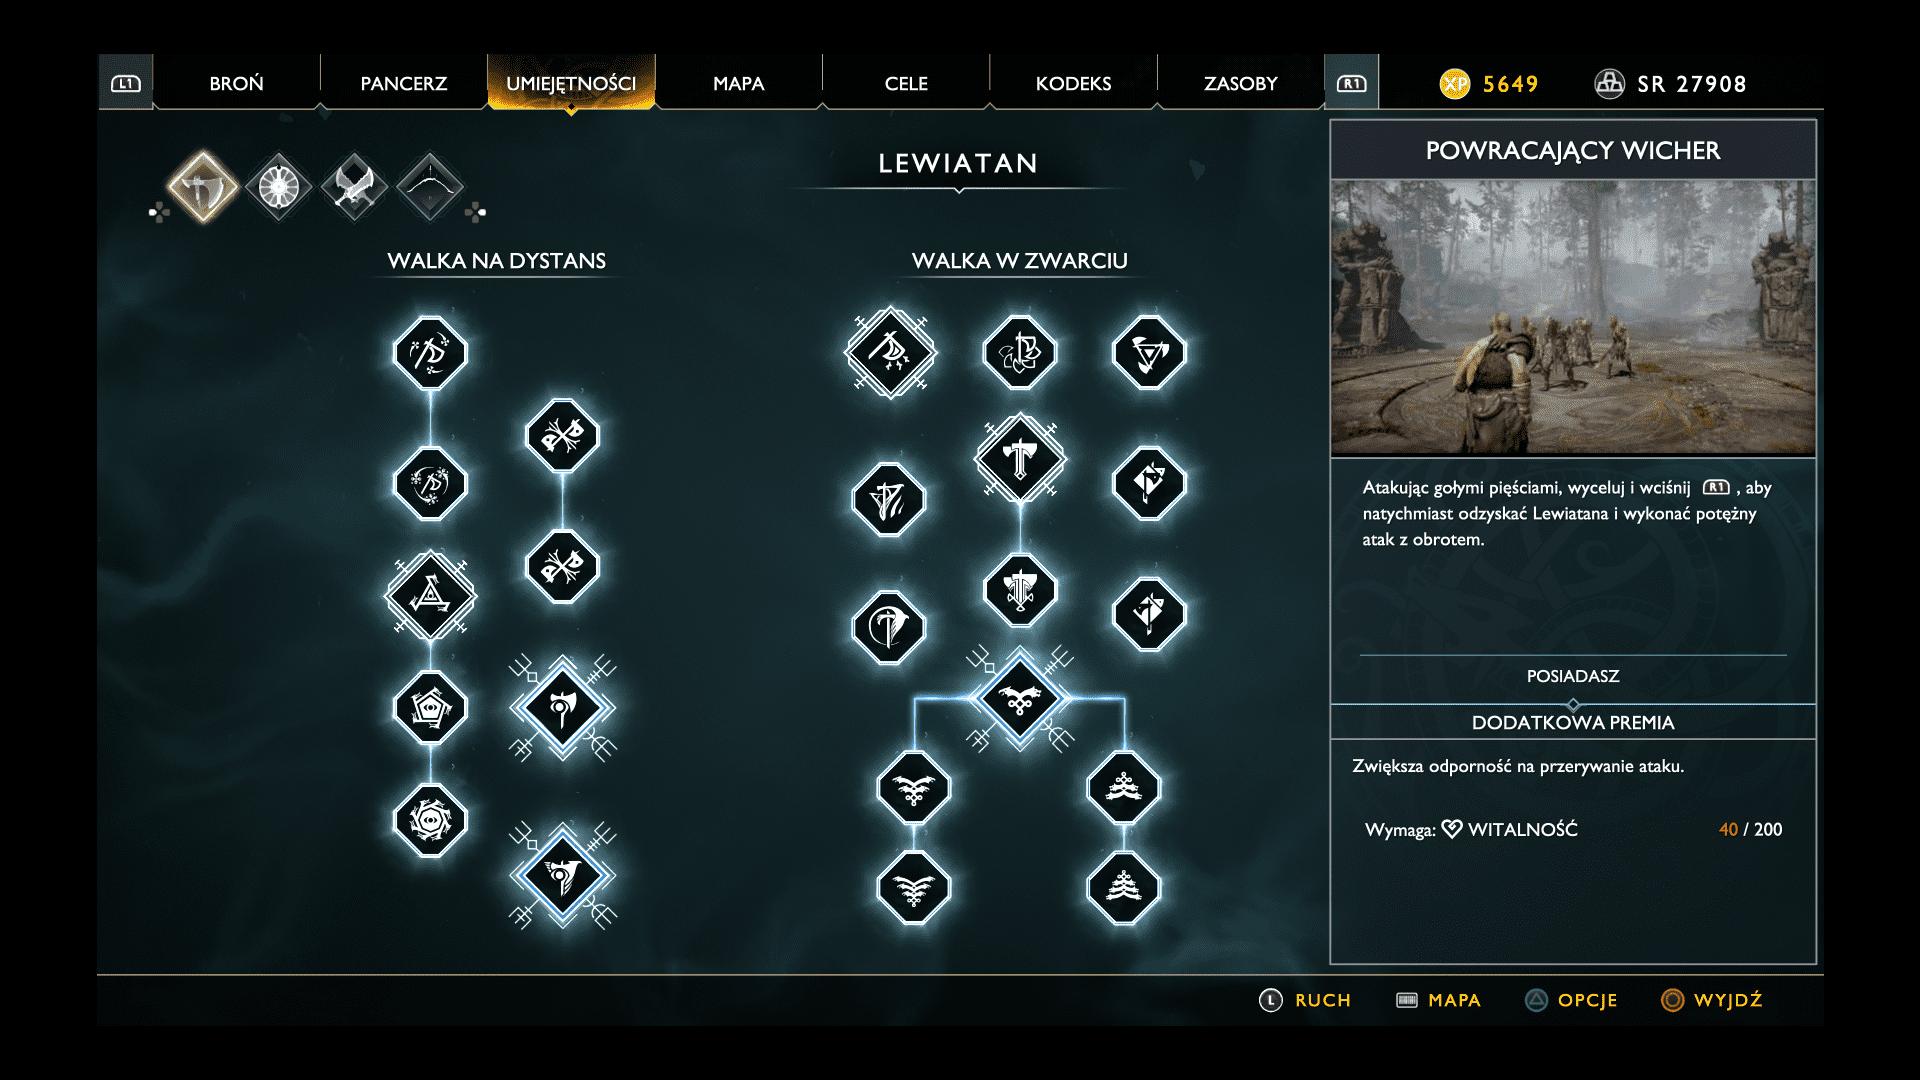 """God of War - recenzja gry gry-i-aplikacje recenzja gry God of War, PS4, God of War na PS4, God of War  """"Znajomość"""" z Kratosem rozpocząłem za czasów grania w dwie pierwsze odsłony God of War na PlayStation 2. Potem udało mi się ograć dwie edycje na PSP, zwieńczenie trylogii, ale odpuściłem wydane na siłę Wstąpienie. God of War 20180515133111"""